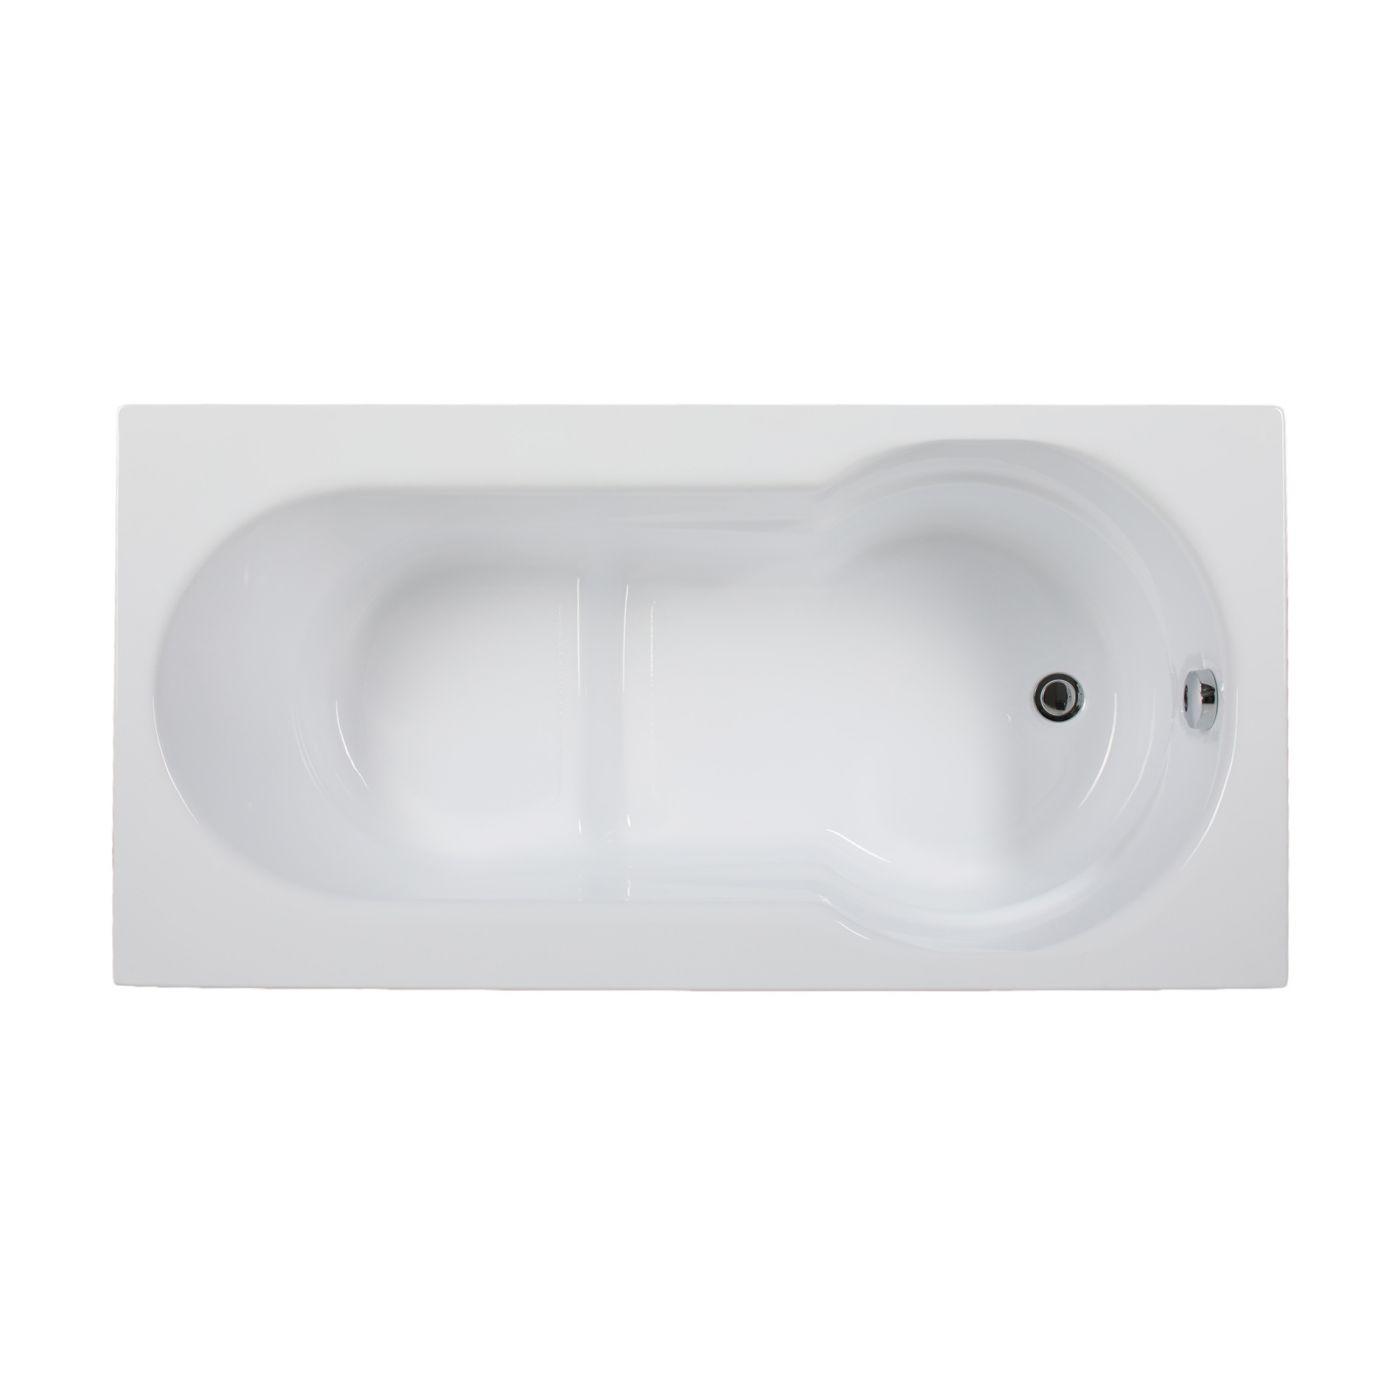 Акриловая ванна Aquanet LARGO 140*70